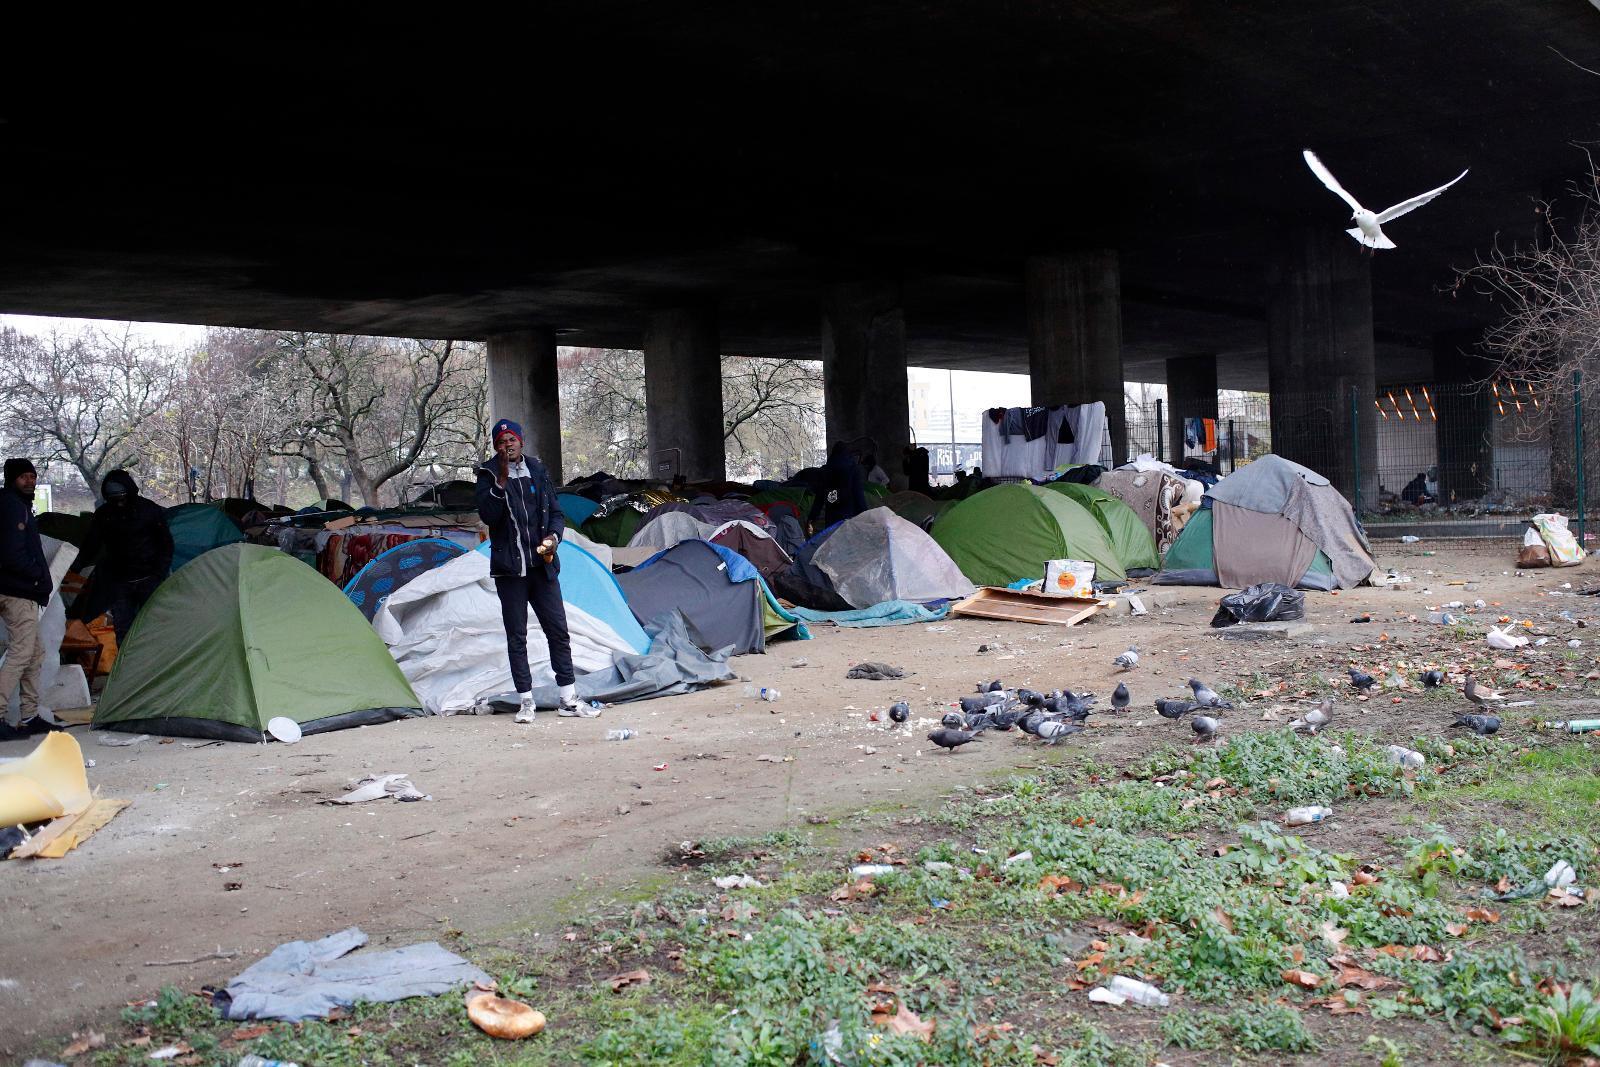 Hemlös får bidrag för att bo i tält HD